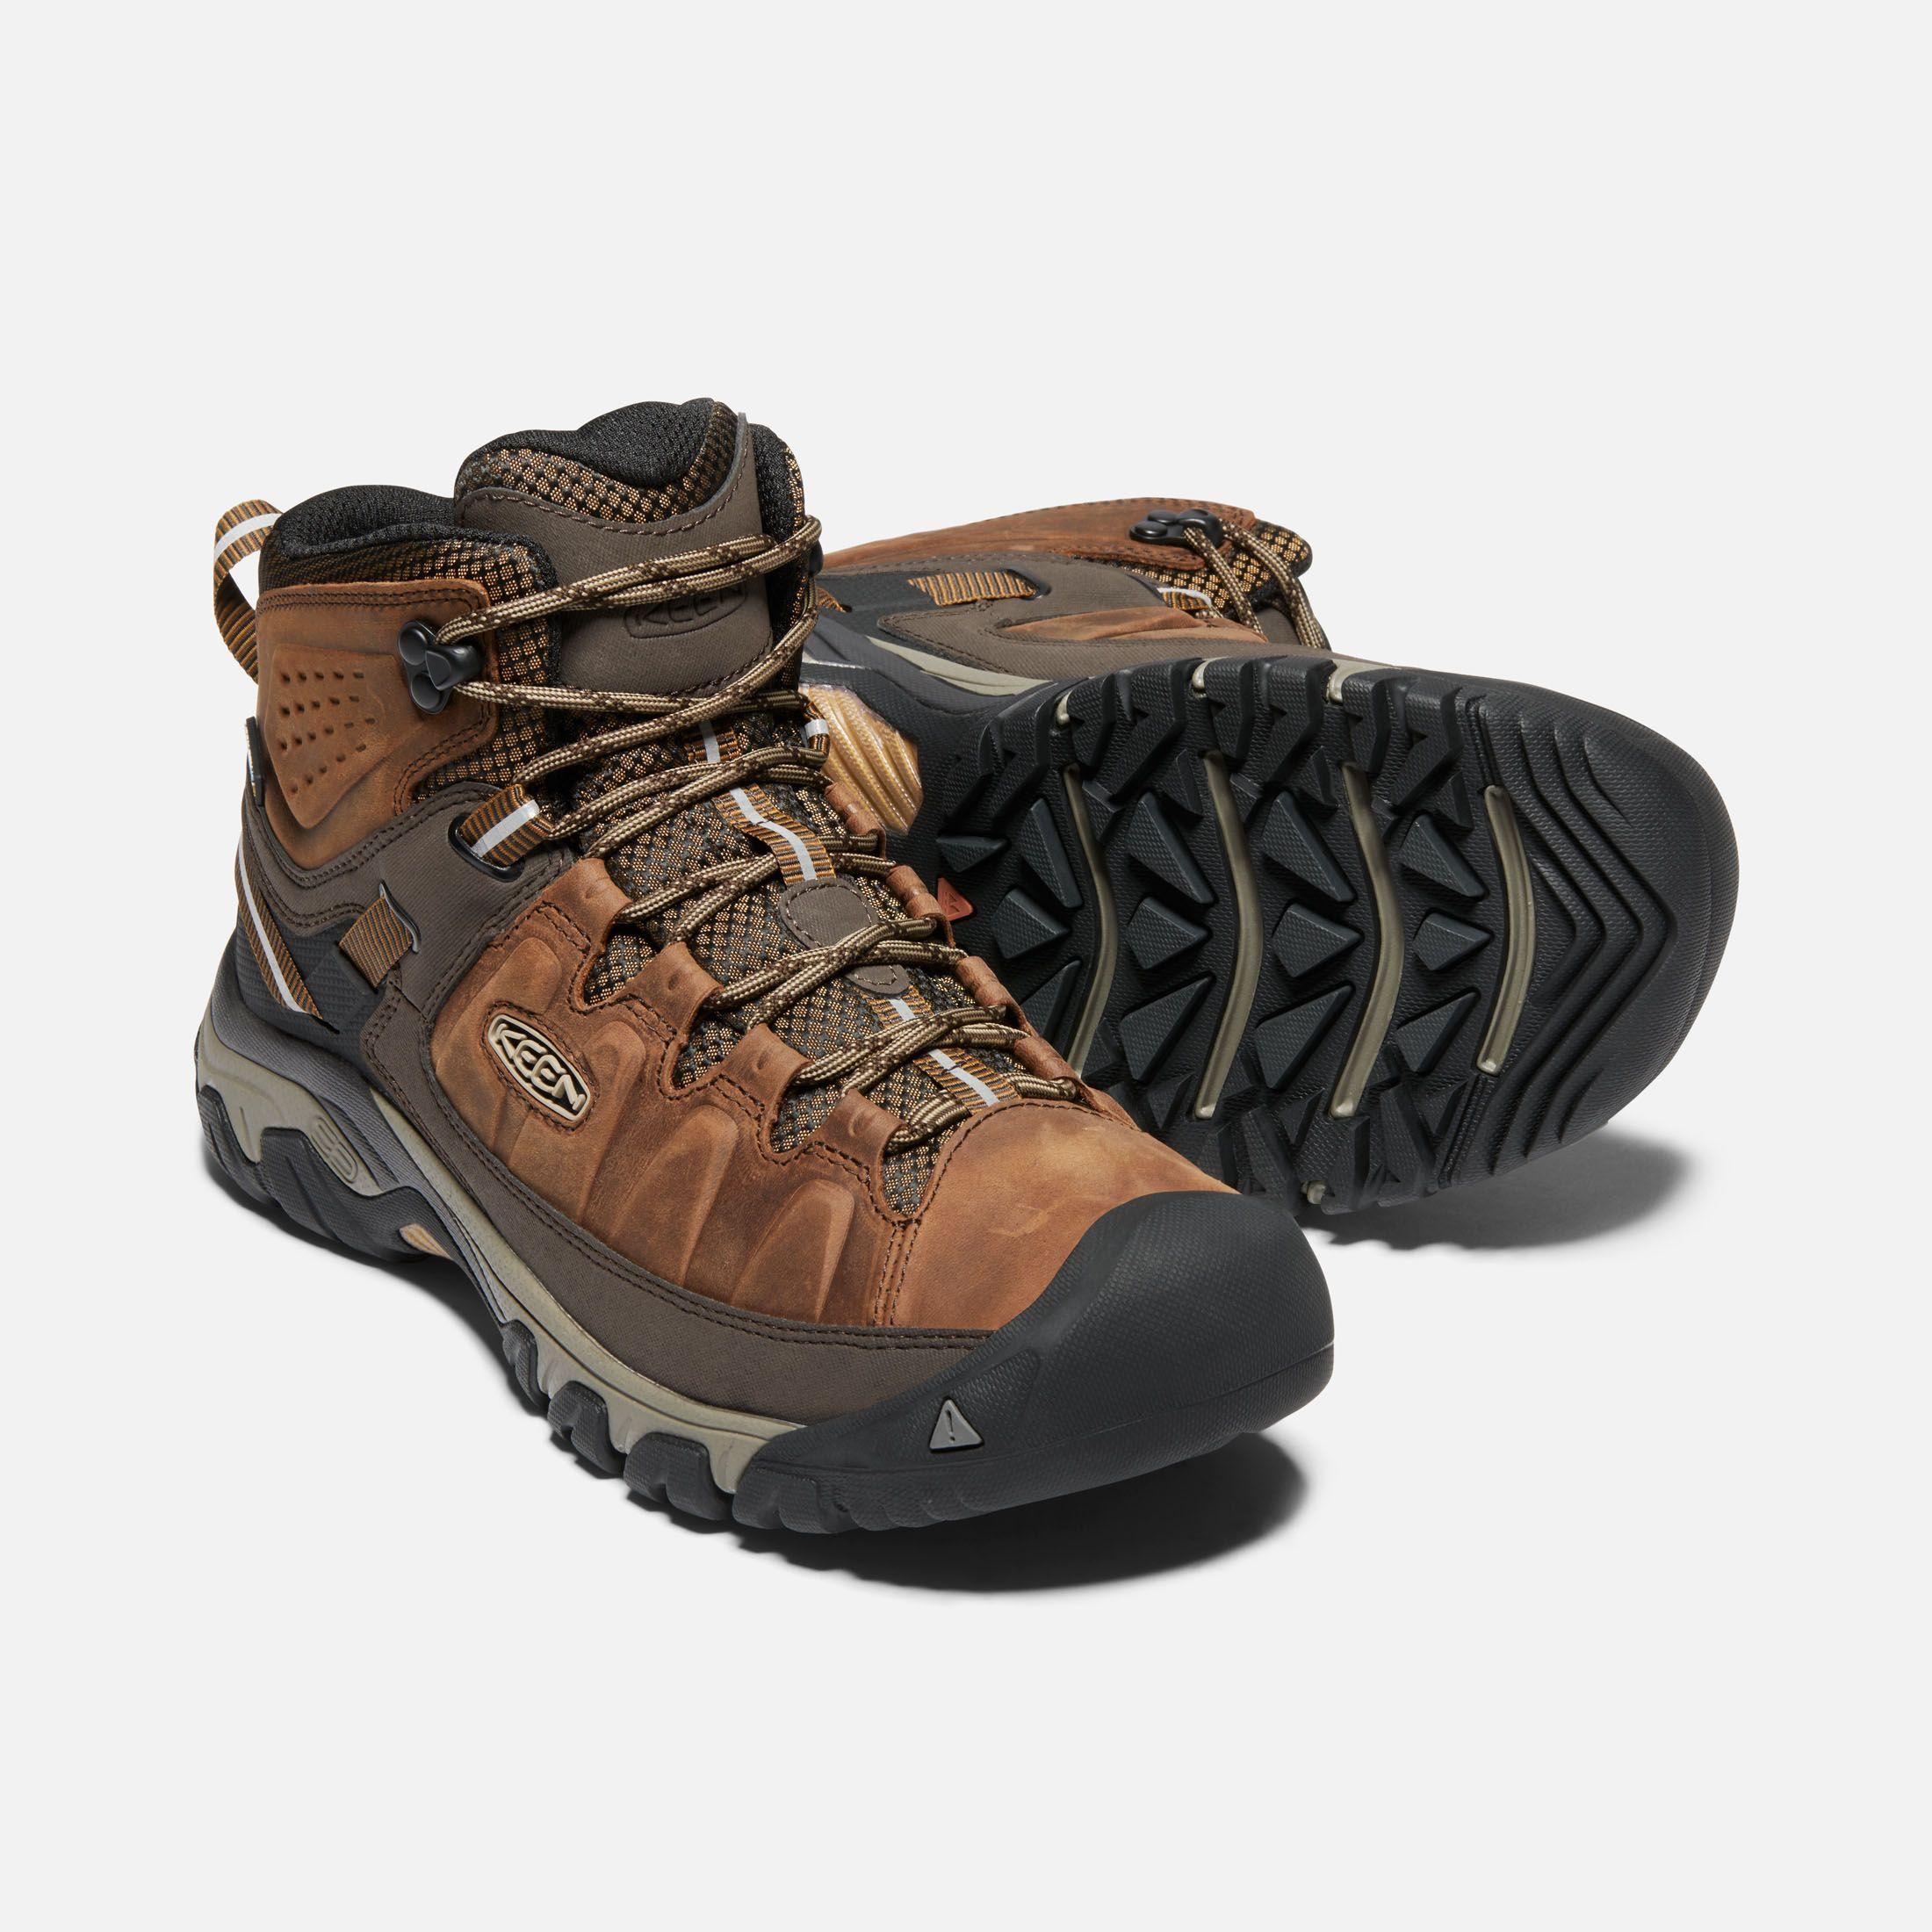 Keen Men S Waterproof Hiking Boots Targhee Iii Mid 11 5 Big Ben